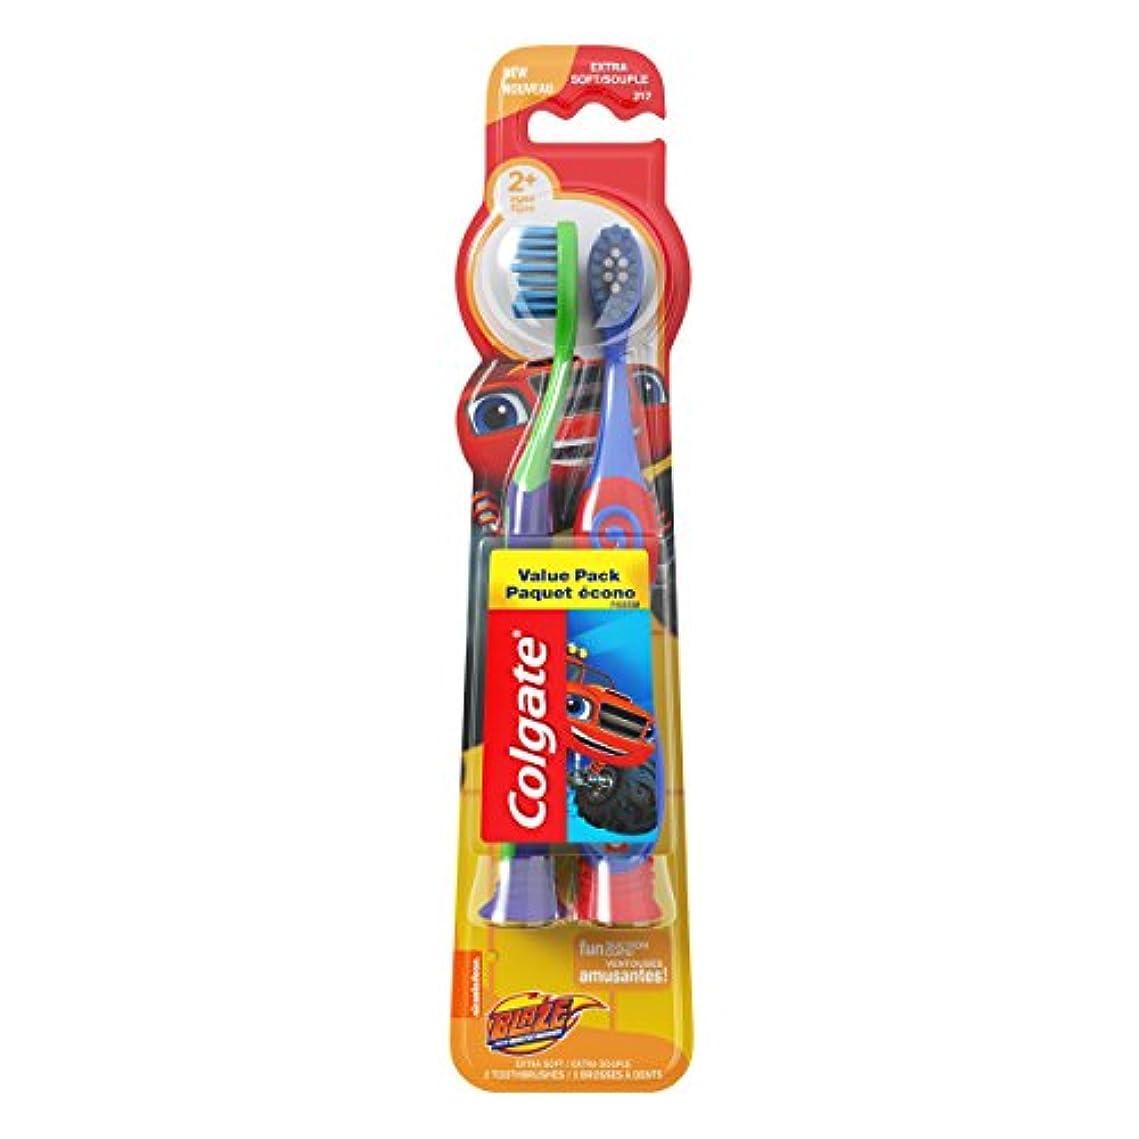 複雑な閲覧する住所Colgate 吸盤付きキッズ柔らかい歯ブラシ、ブレイズバリューパック(2カウント)